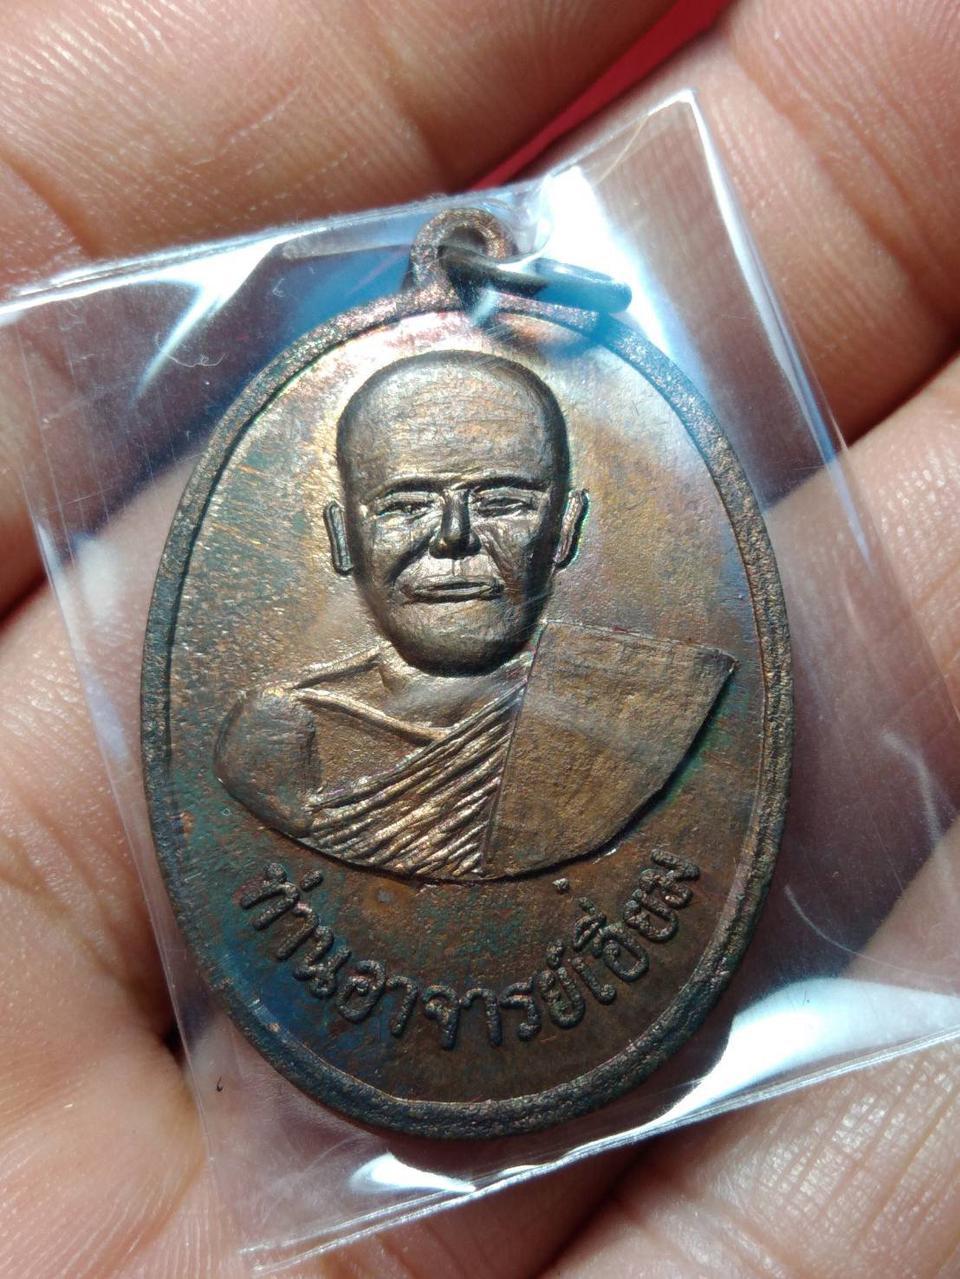 เปิดคับ เหรียญยิ้มหวานหลวงปู่เอี่ยม วัดสะพานสูง นนทบุรี รูปที่ 1